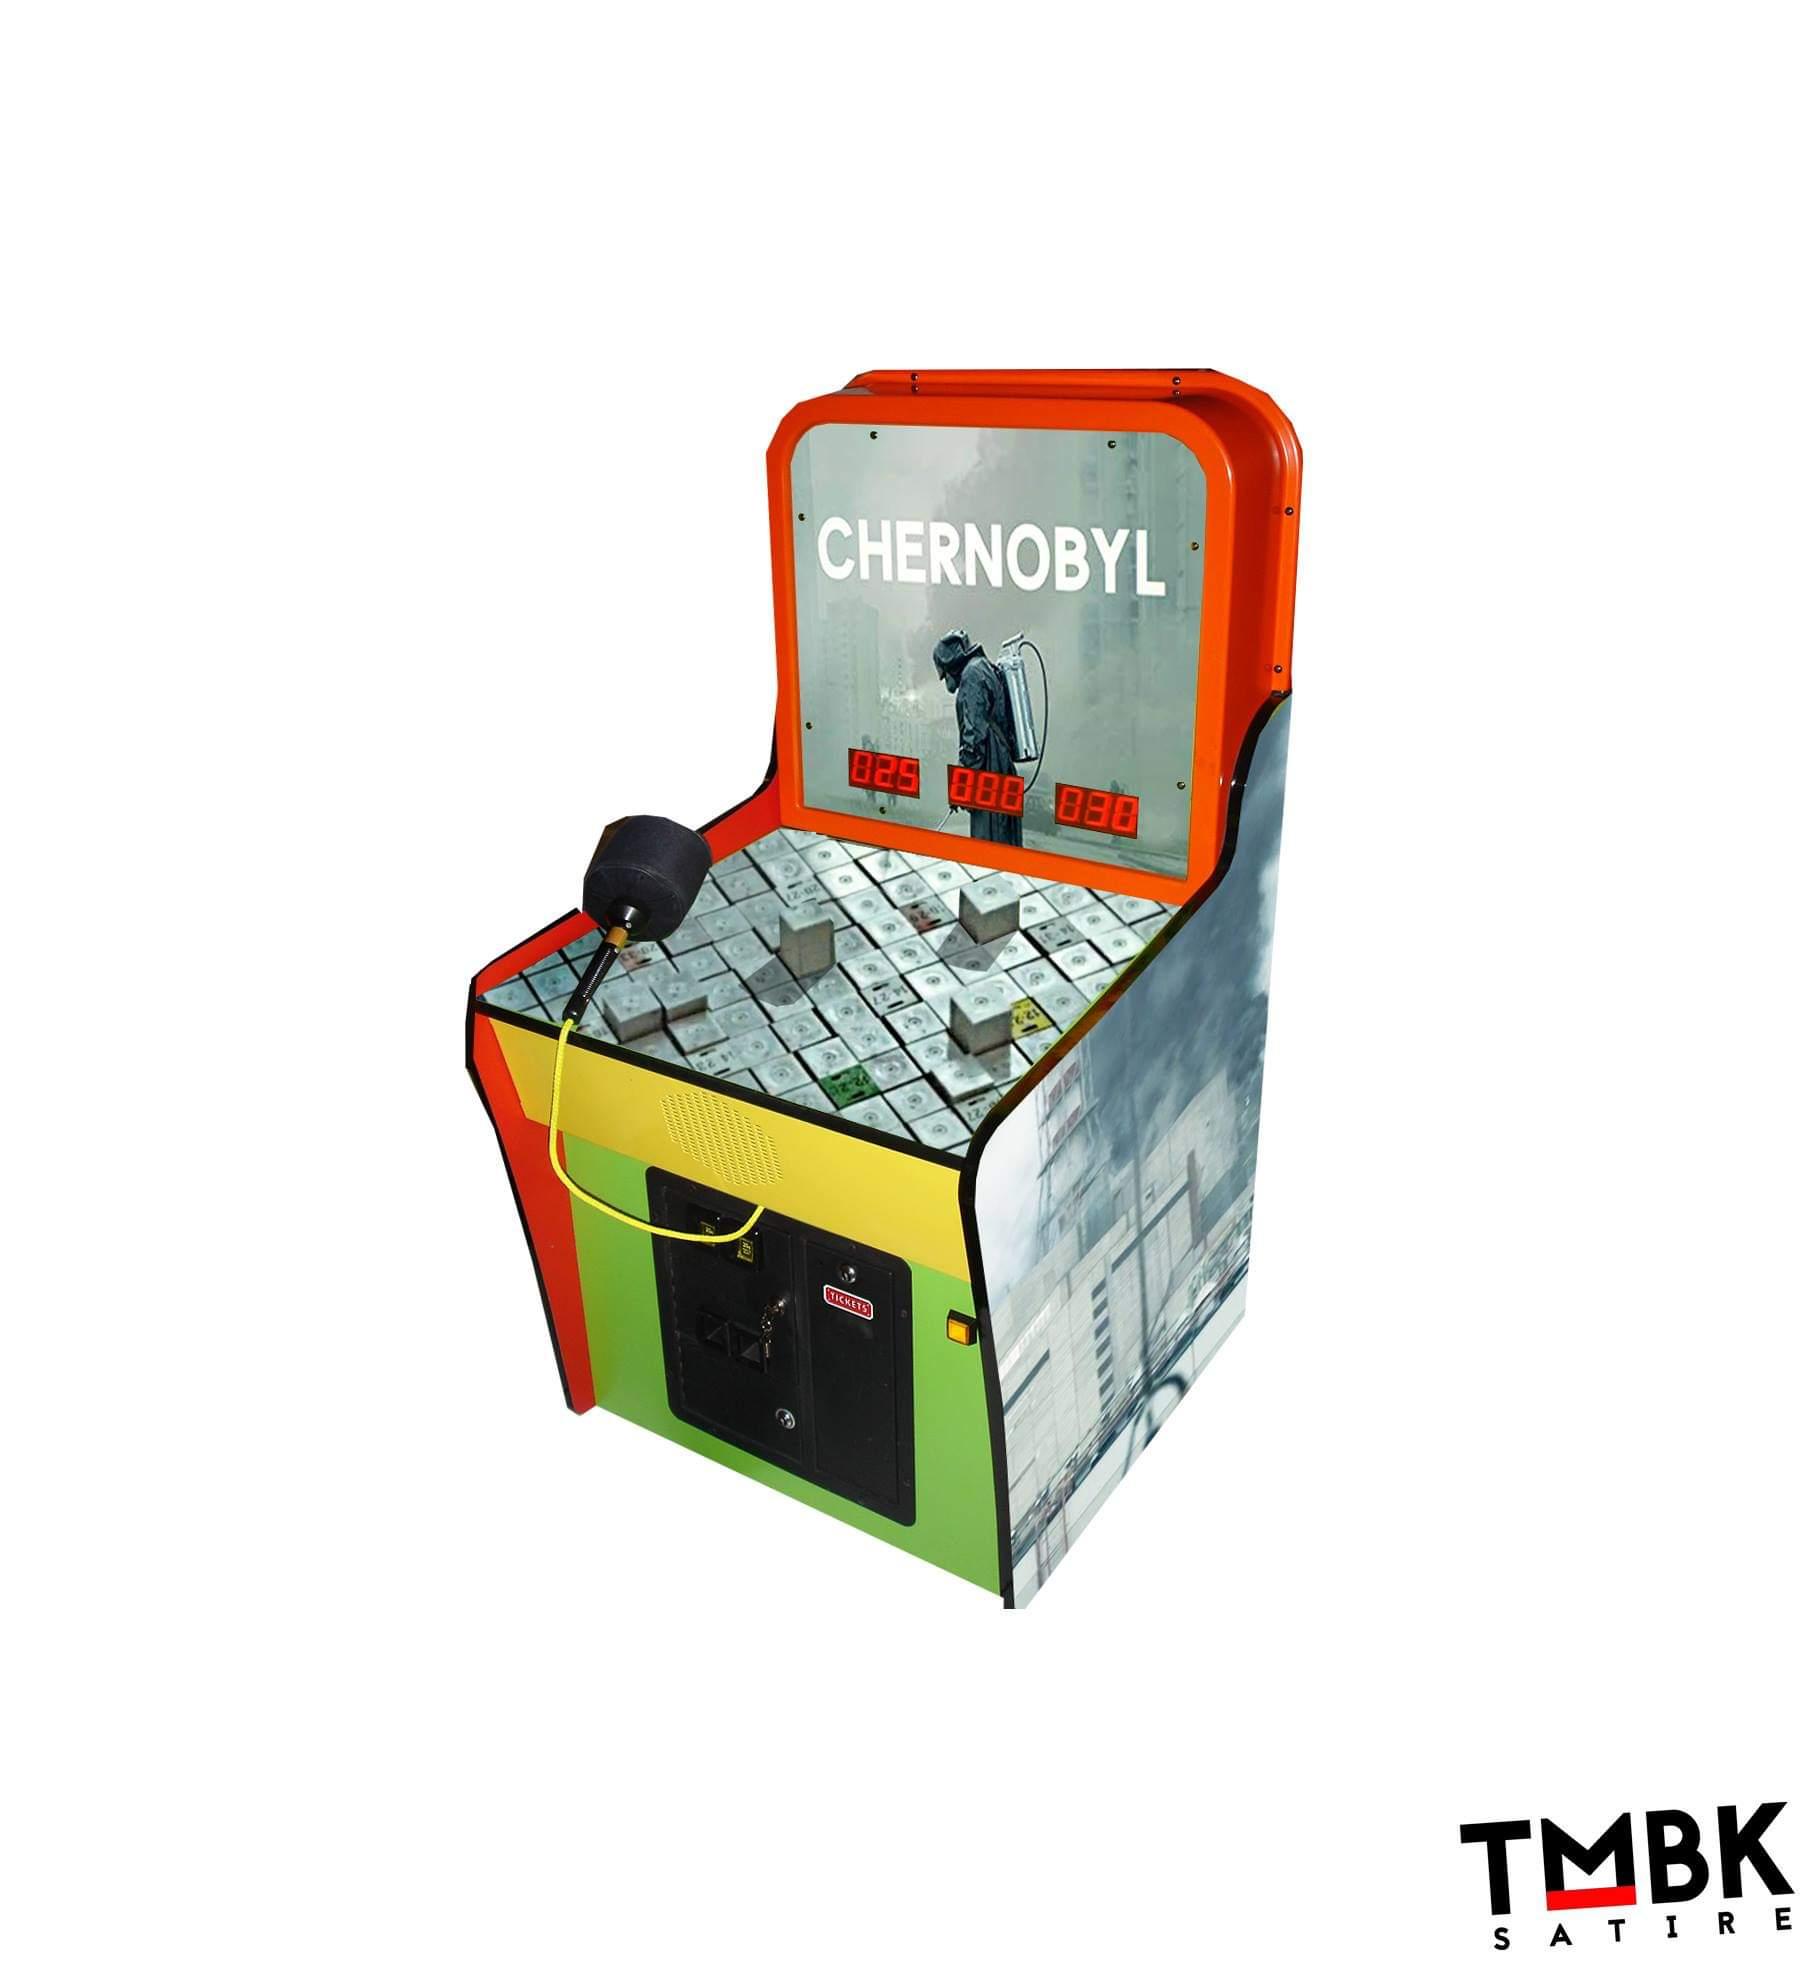 Obrázek Chernobylgame